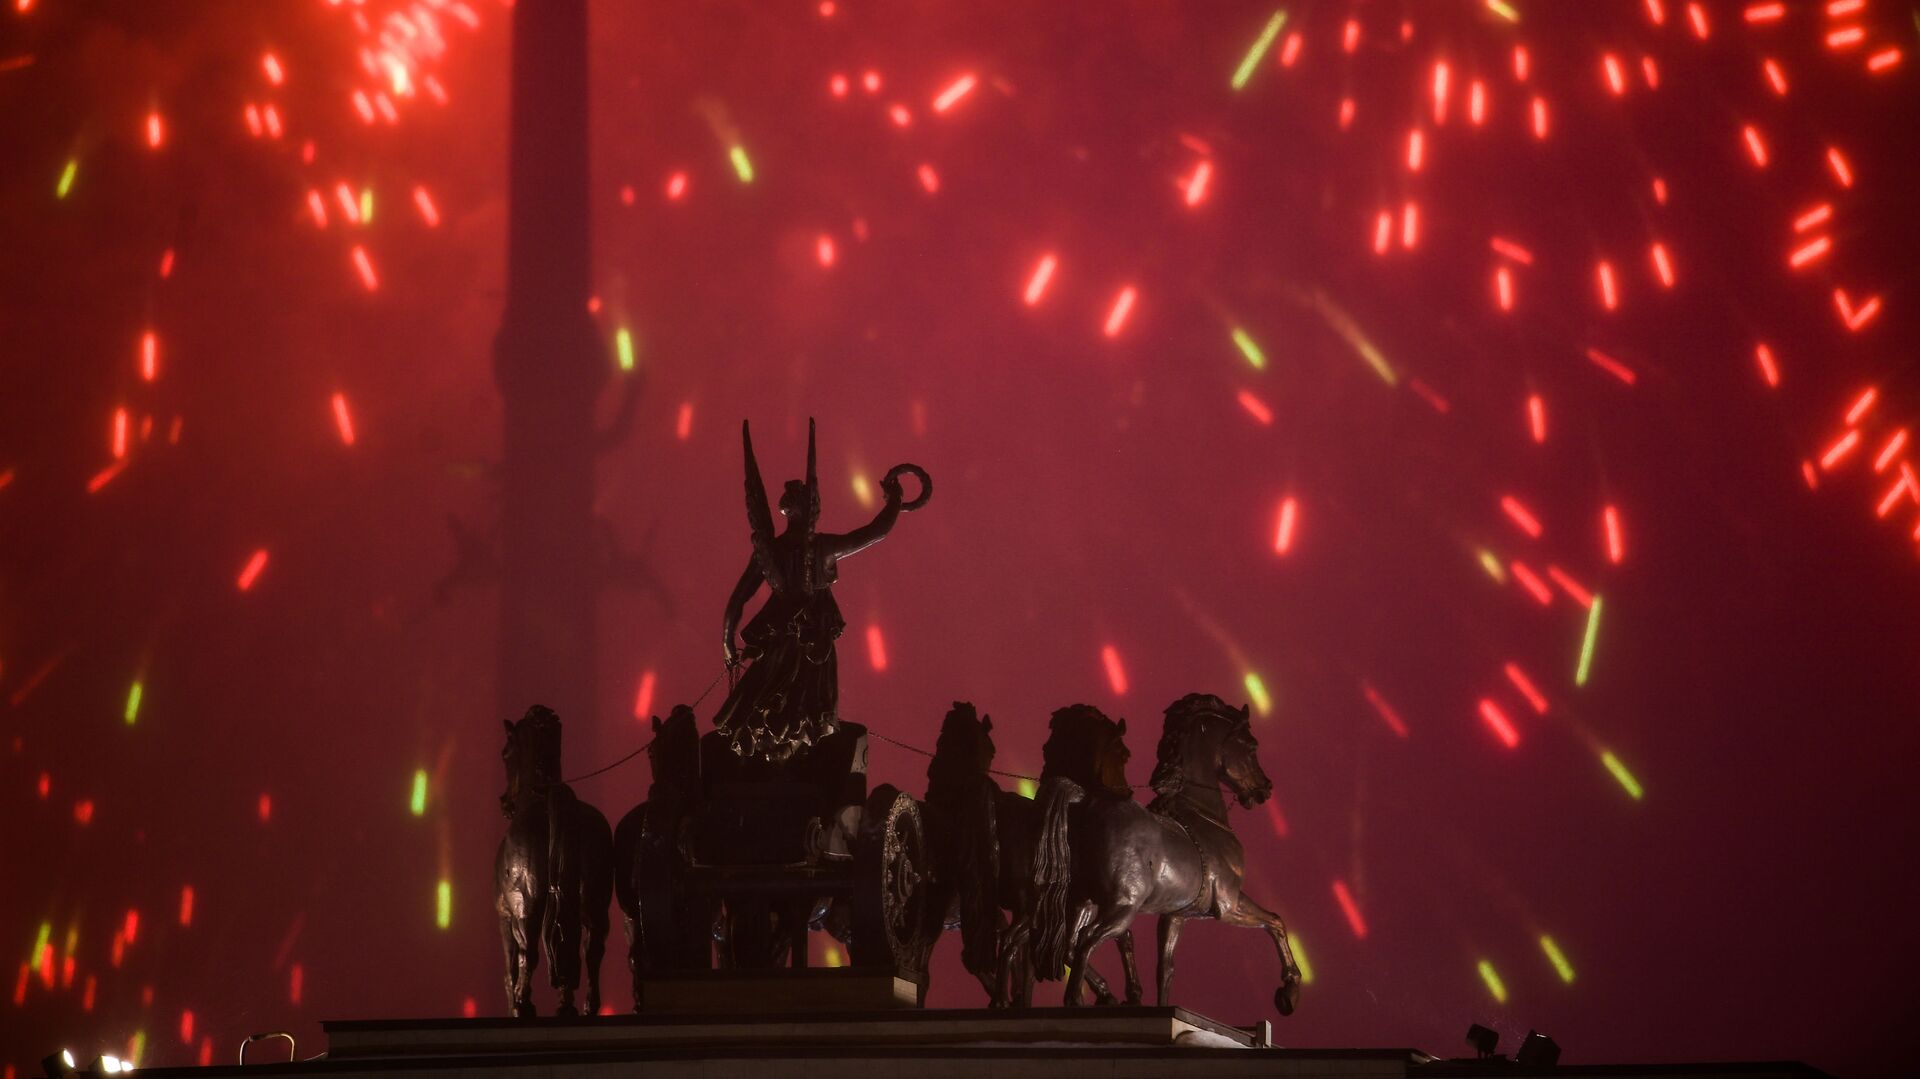 Салют на Поклонной горе в Москве в честь Дня защитника Отечества - РИА Новости, 1920, 18.02.2020